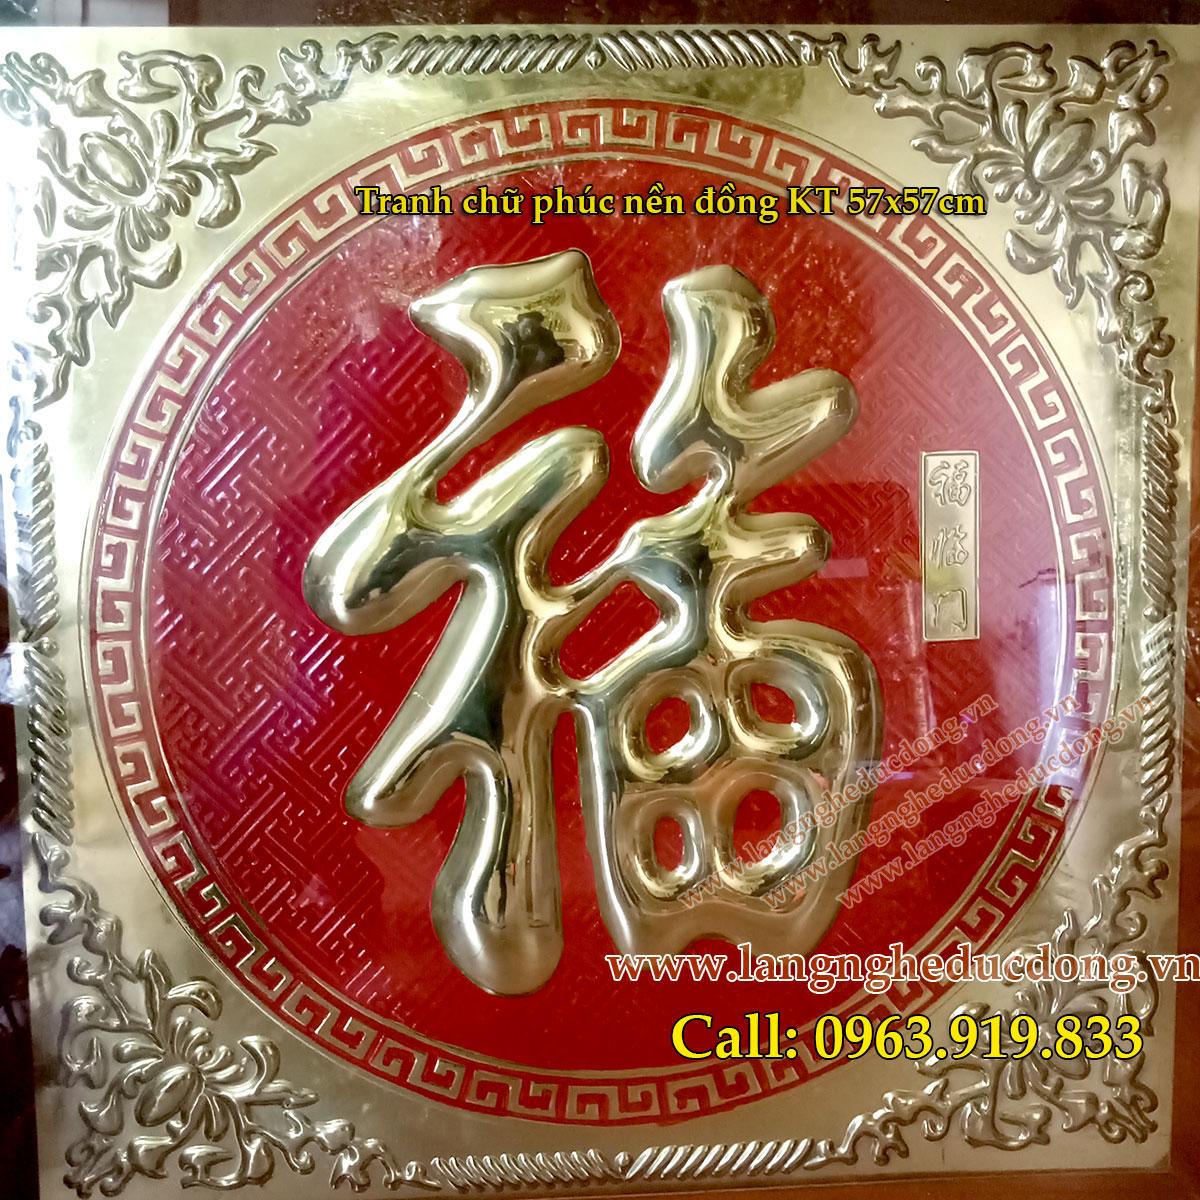 langngheducdong.vn - tranh đồng, tranh chữ hán nôm, tranh thư pháp, tranh chữ hóa rồng, đồ đồng trang trí